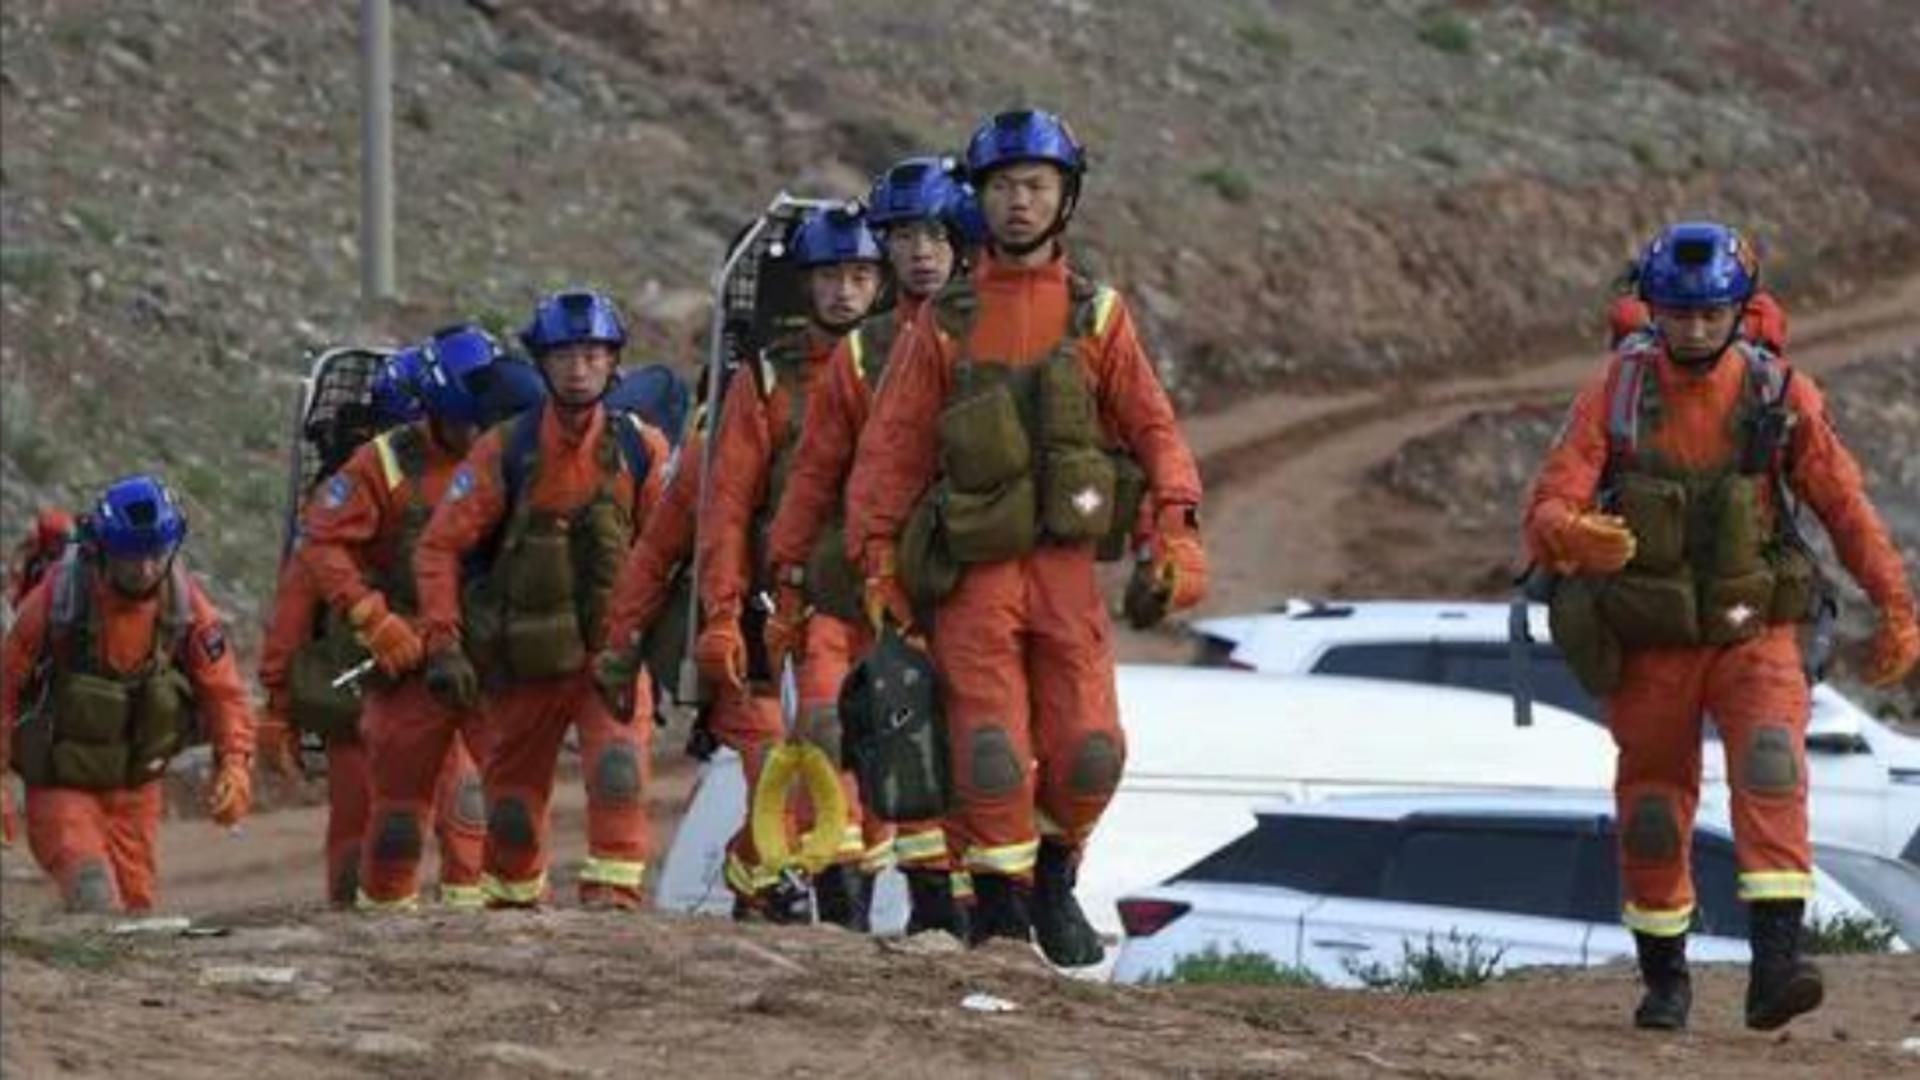 Tragedie în China: Peste 20 de sportivi au murit ÎNGHEȚAȚI la un ultramaraton după fenomene meteo extreme